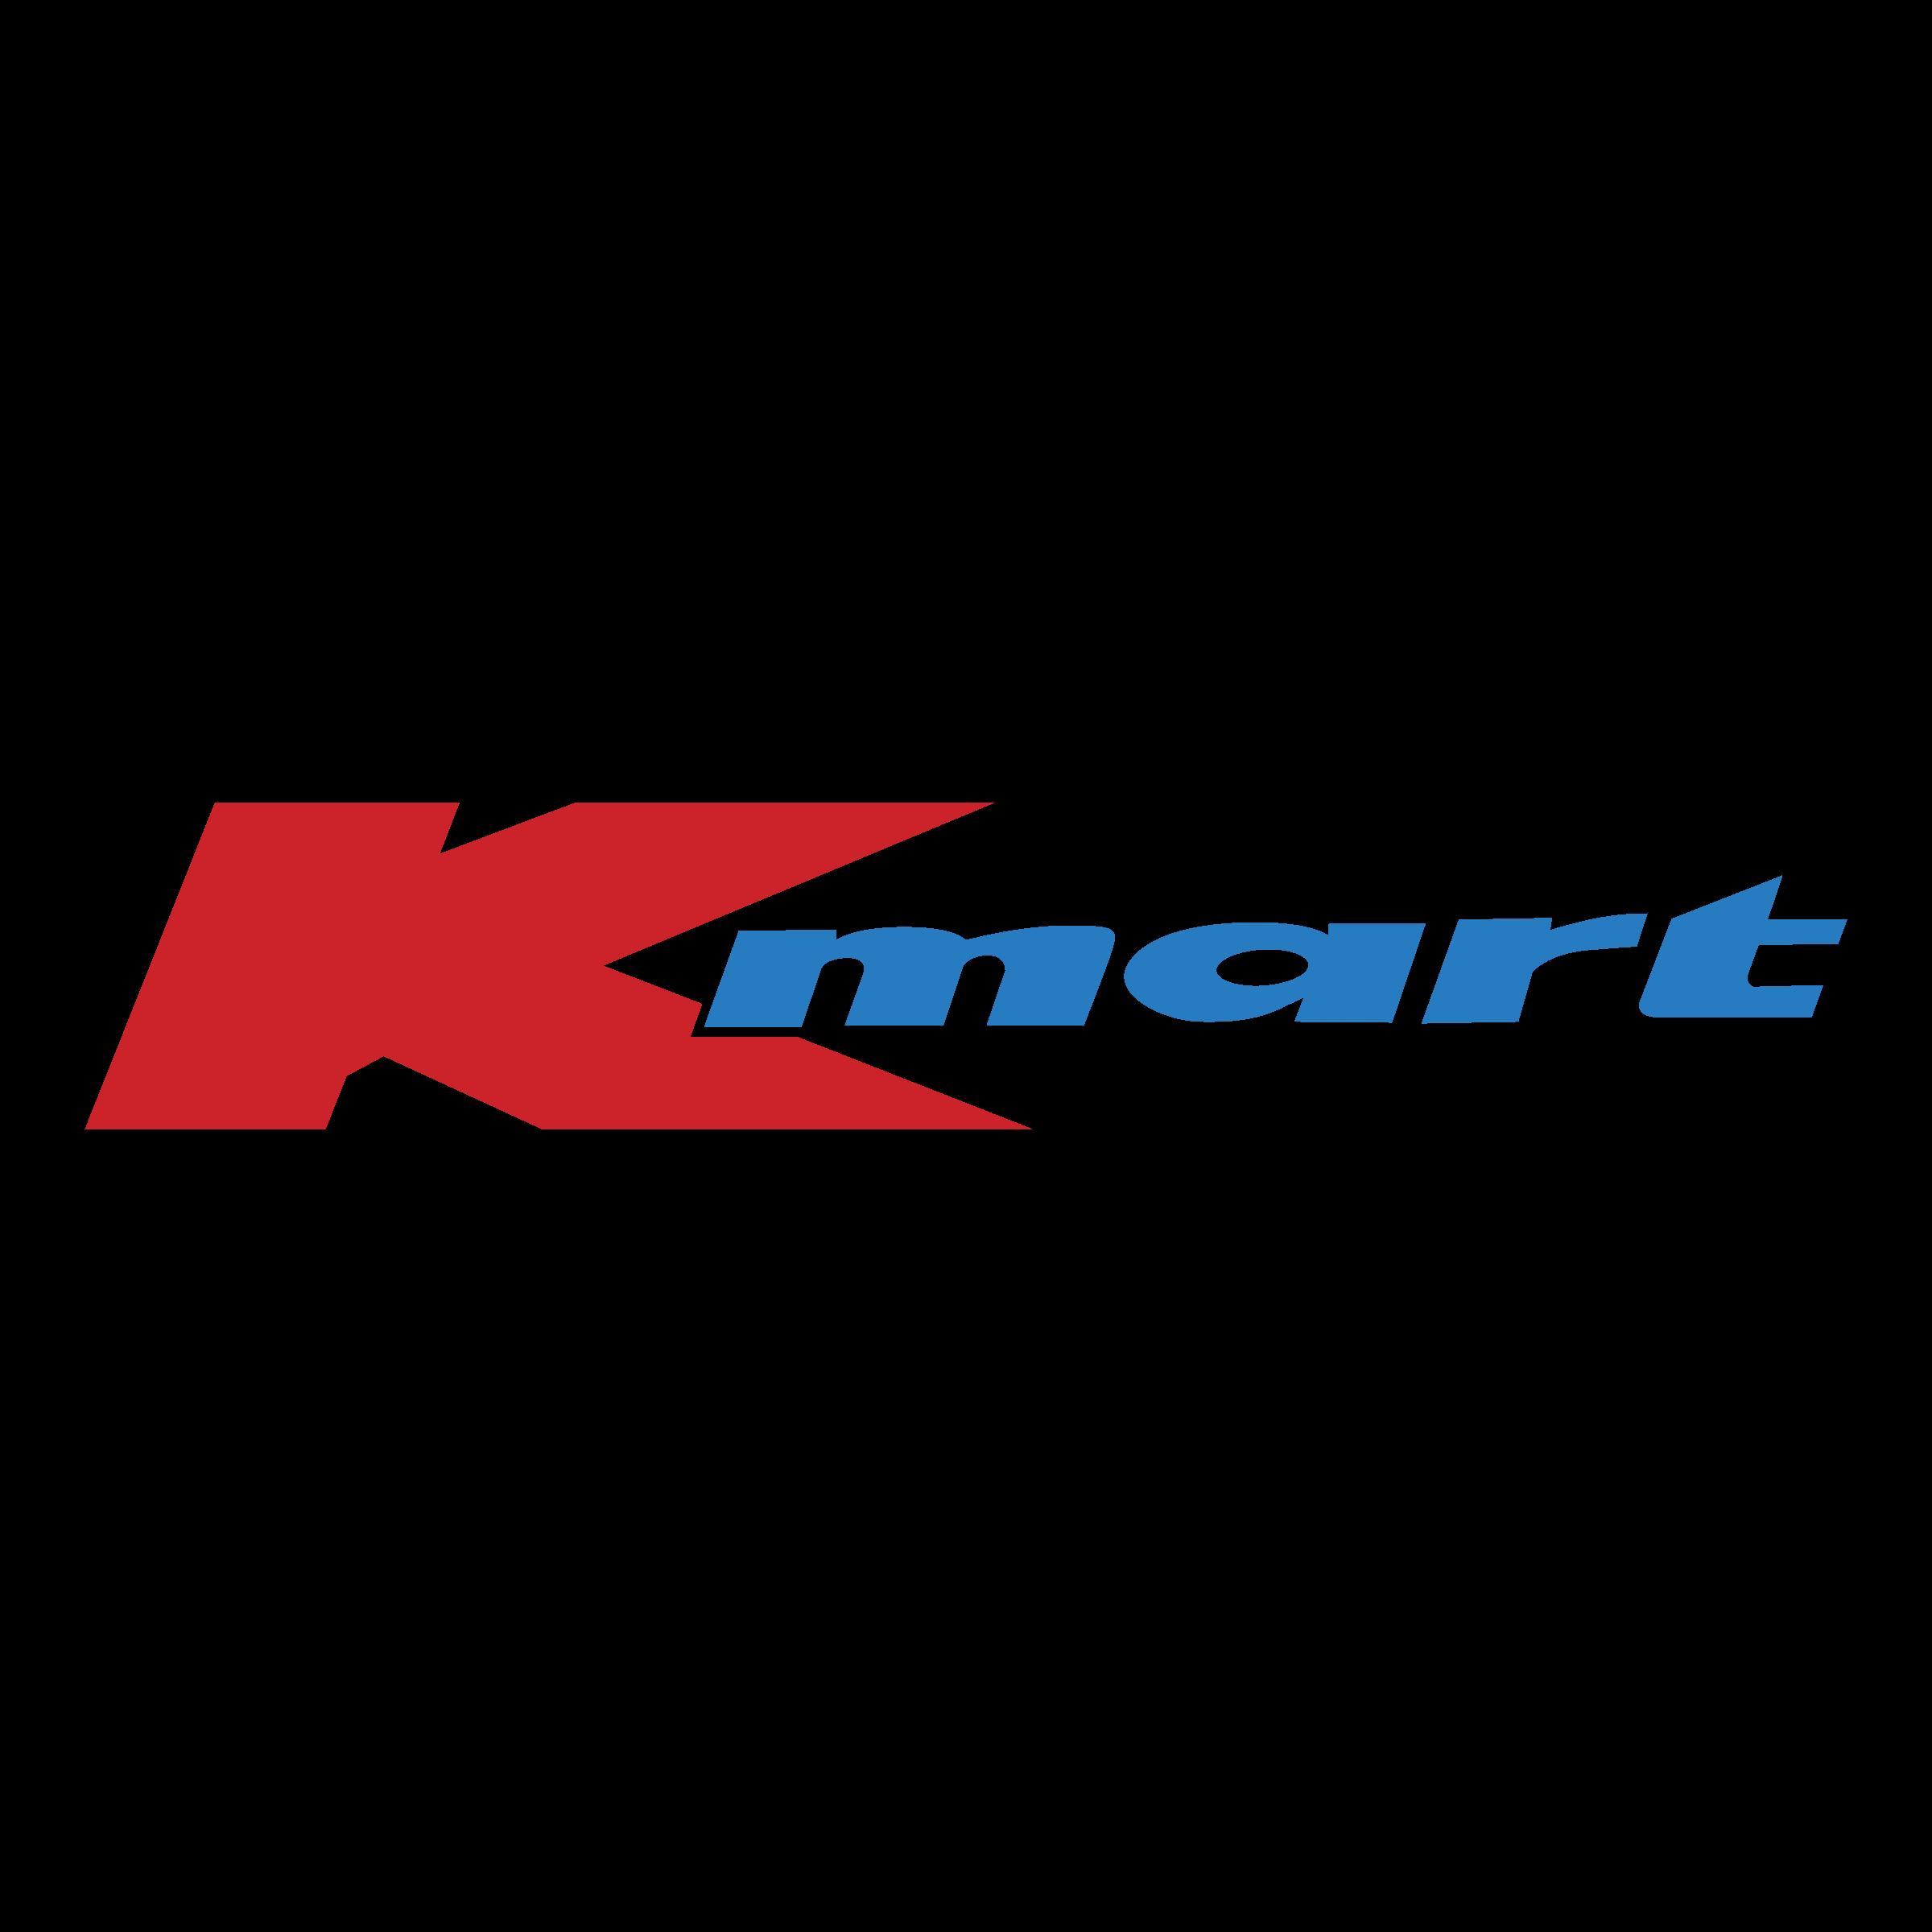 Kmart Logo PNG Transparent & SVG Vector.